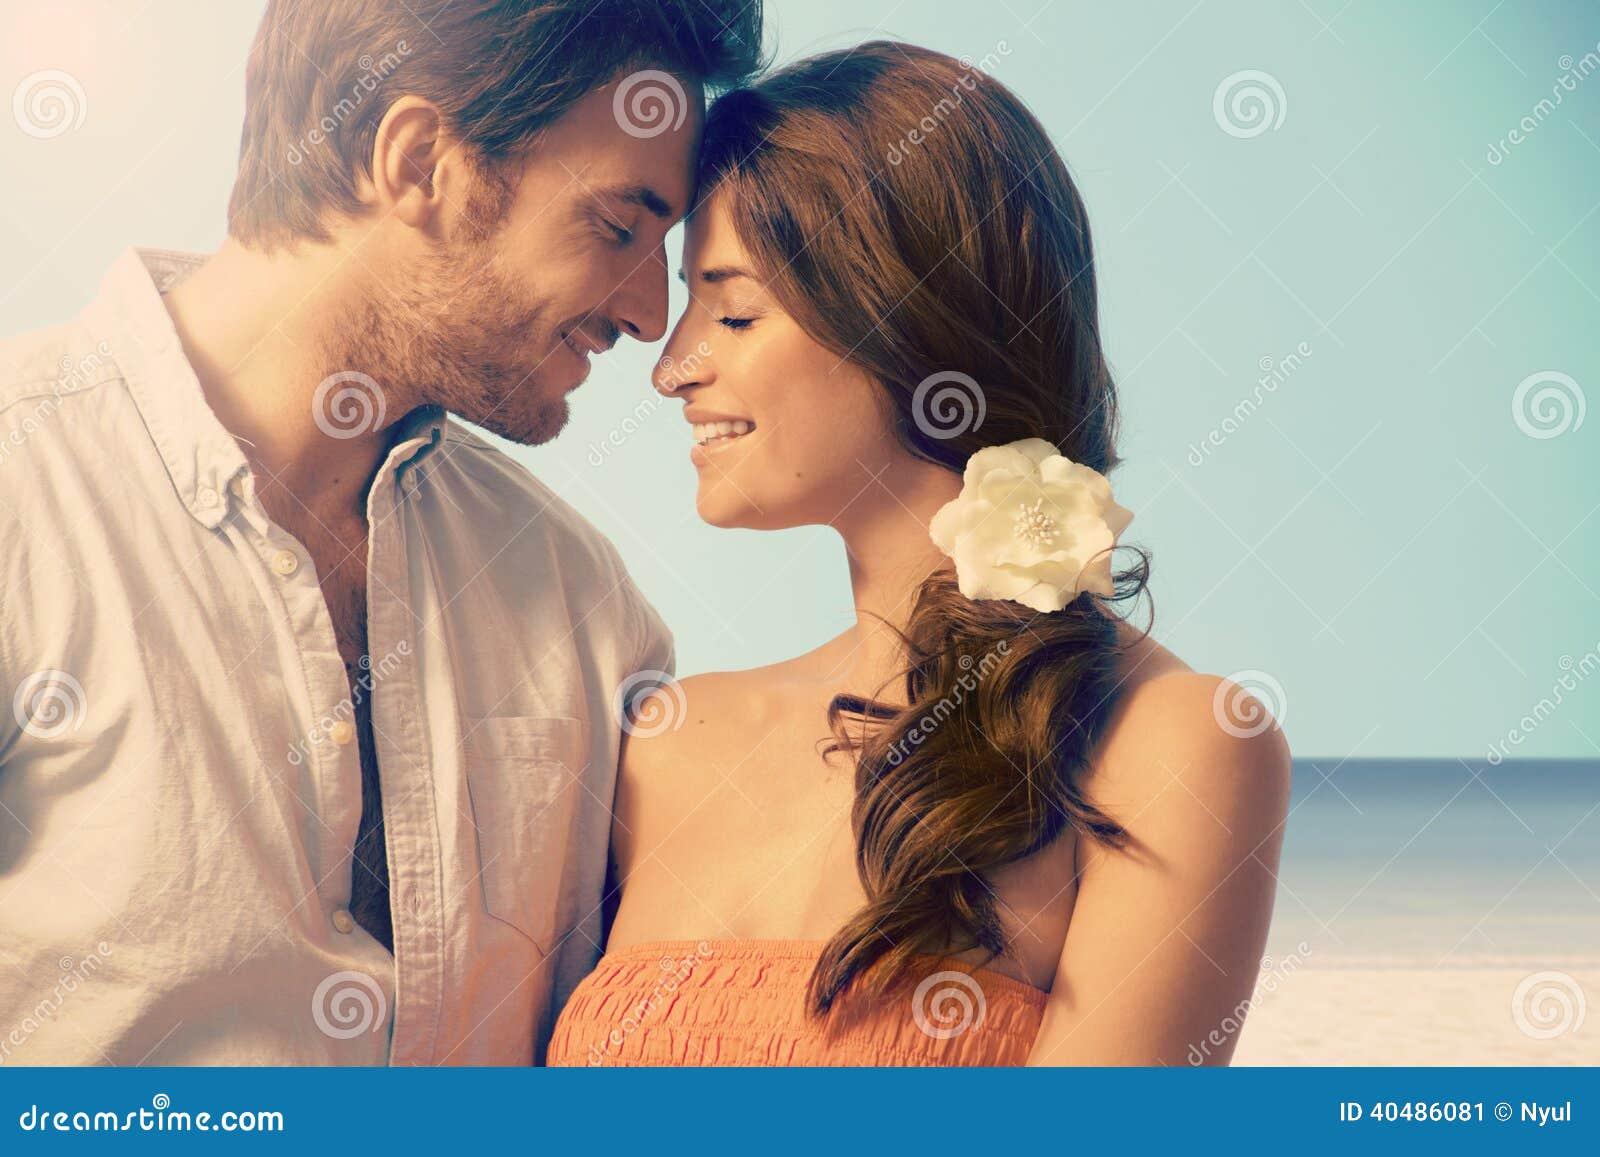 Νέο παντρεμένο ζευγάρι που έχει μια ρομαντική στιγμή